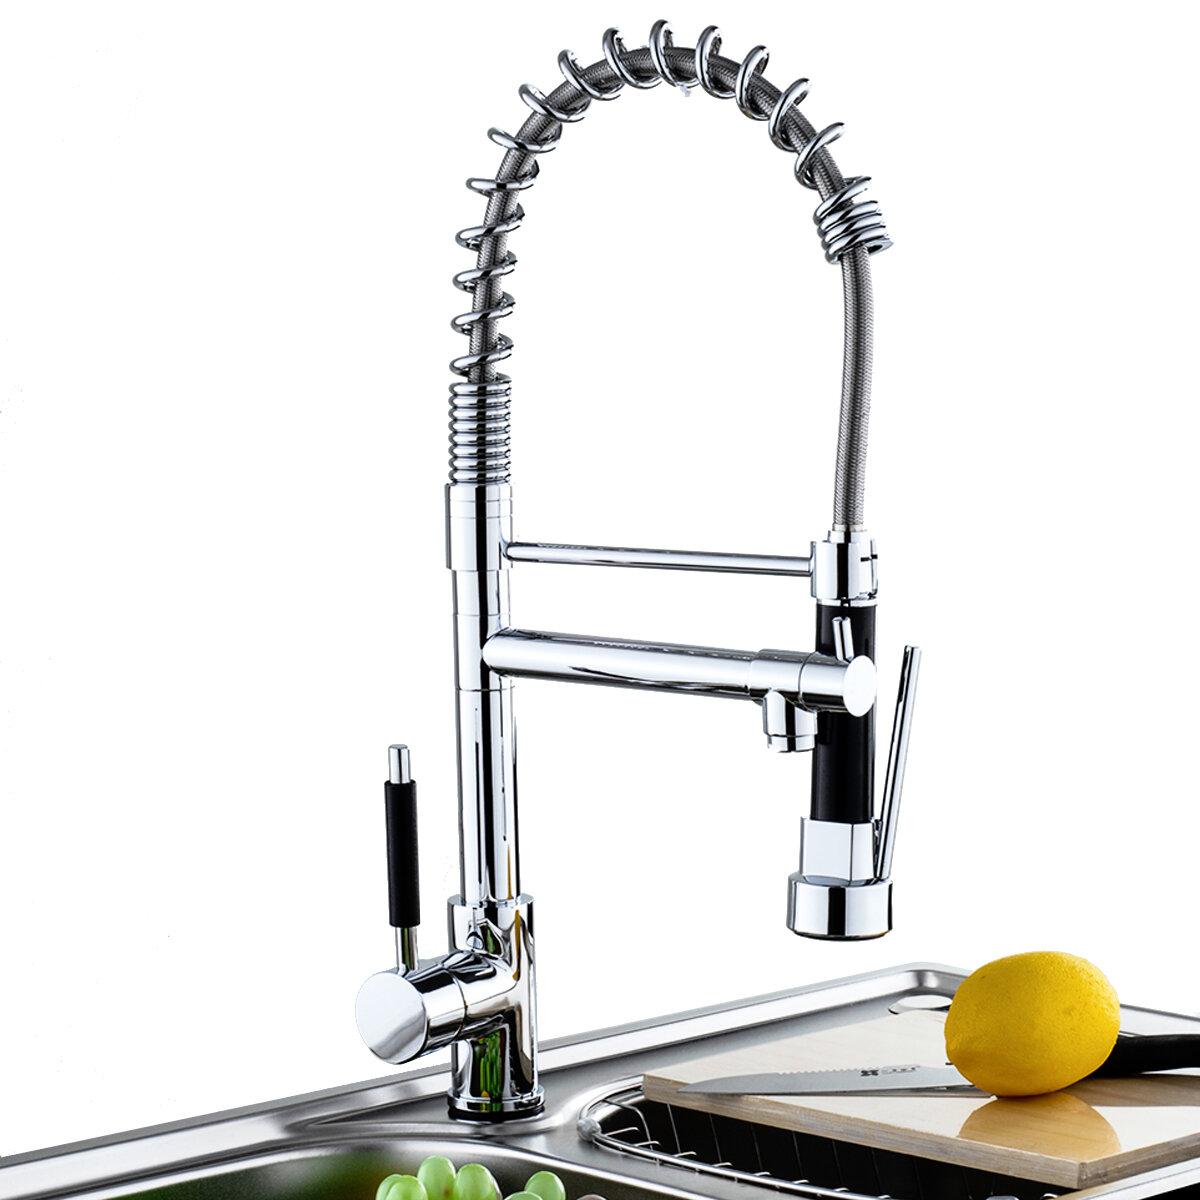 Смеситель для кухонной раковины, выдвижной кран Sparyer, вращение на 360 градусов, с одной ручкой, хромированная латунна